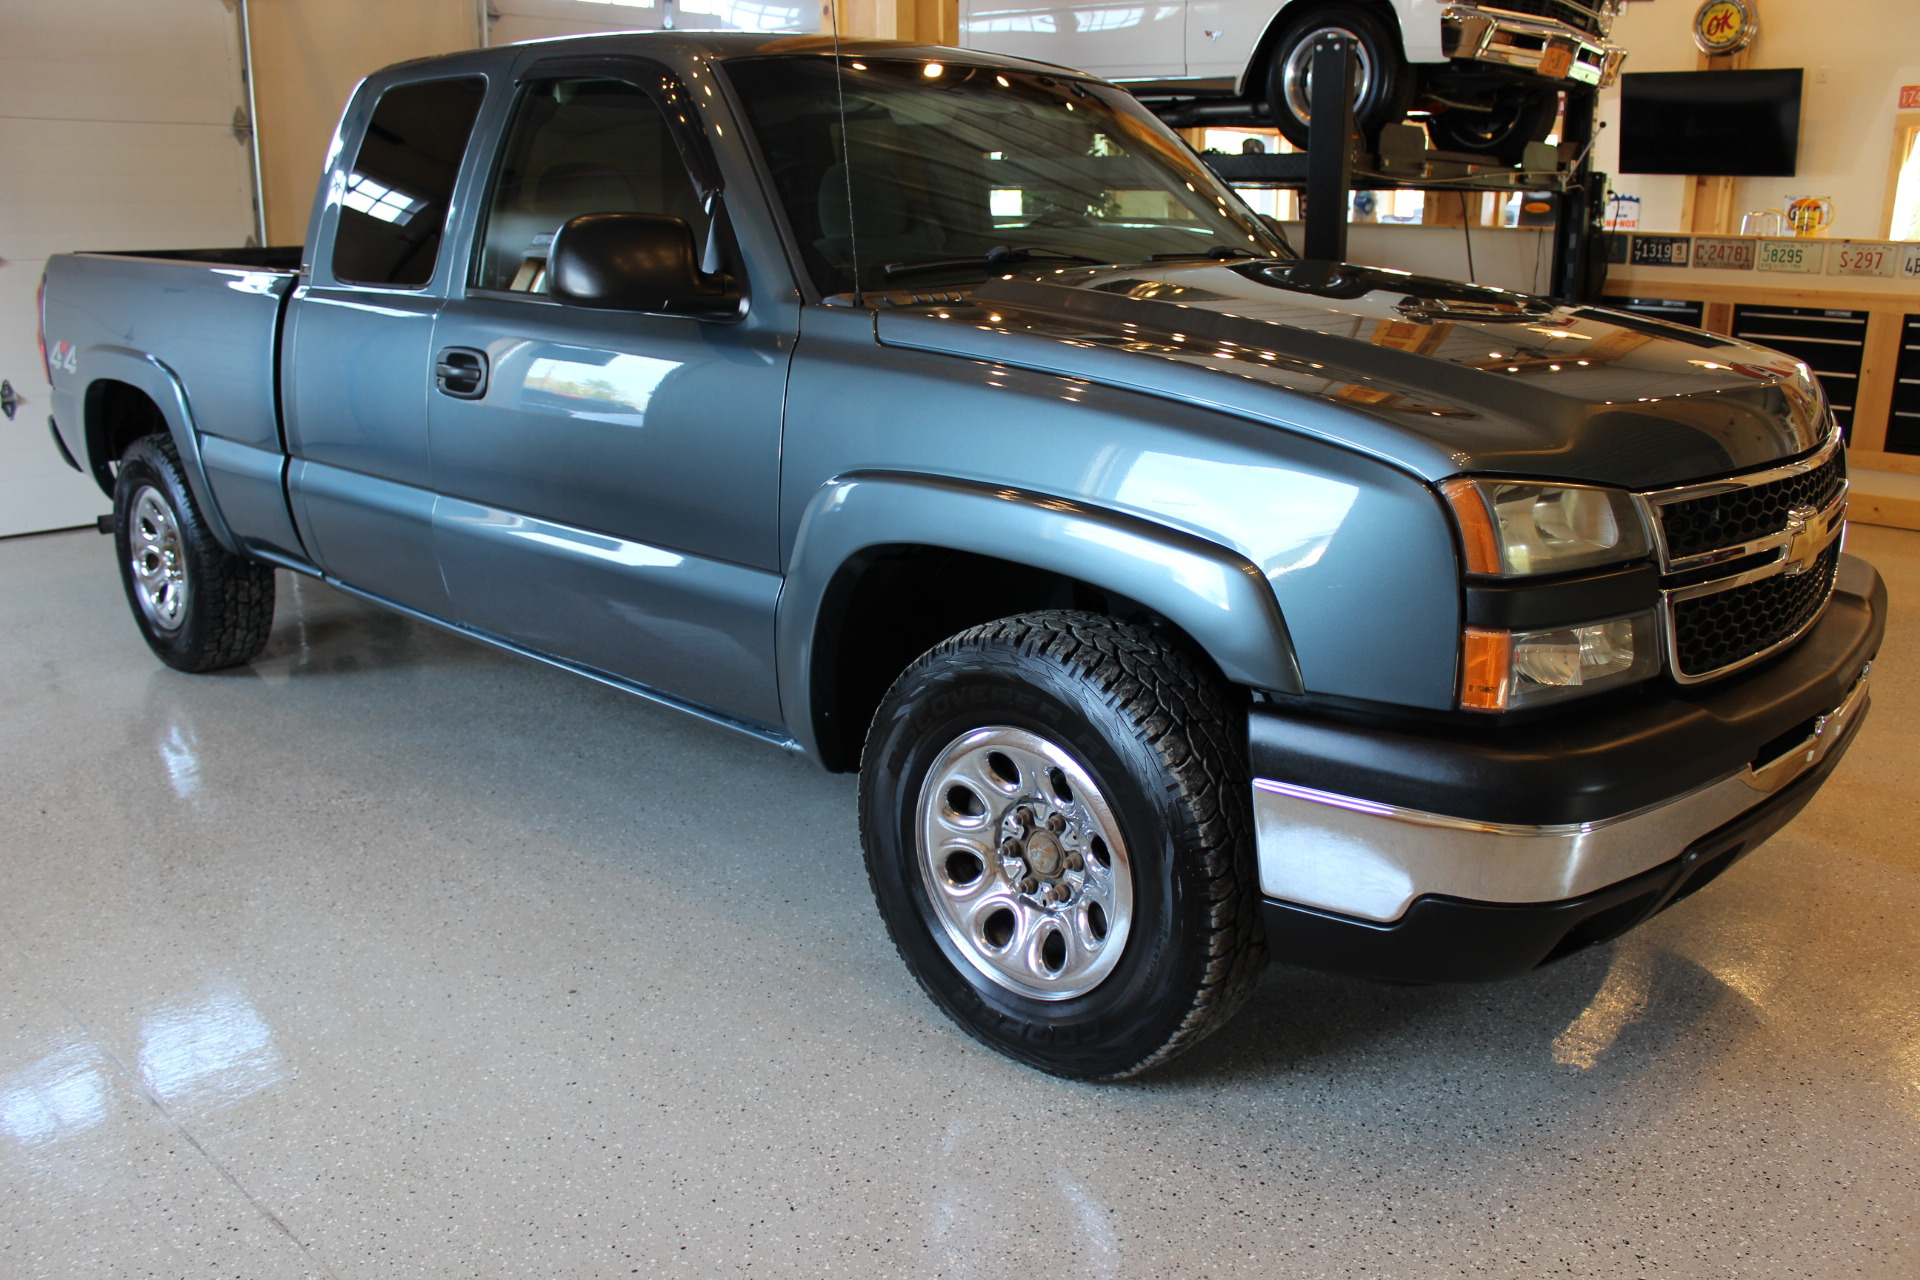 2006 Chevy Silverado For Sale >> 2006 Chevrolet Silverado 1500 Ls Biscayne Auto Sales Pre